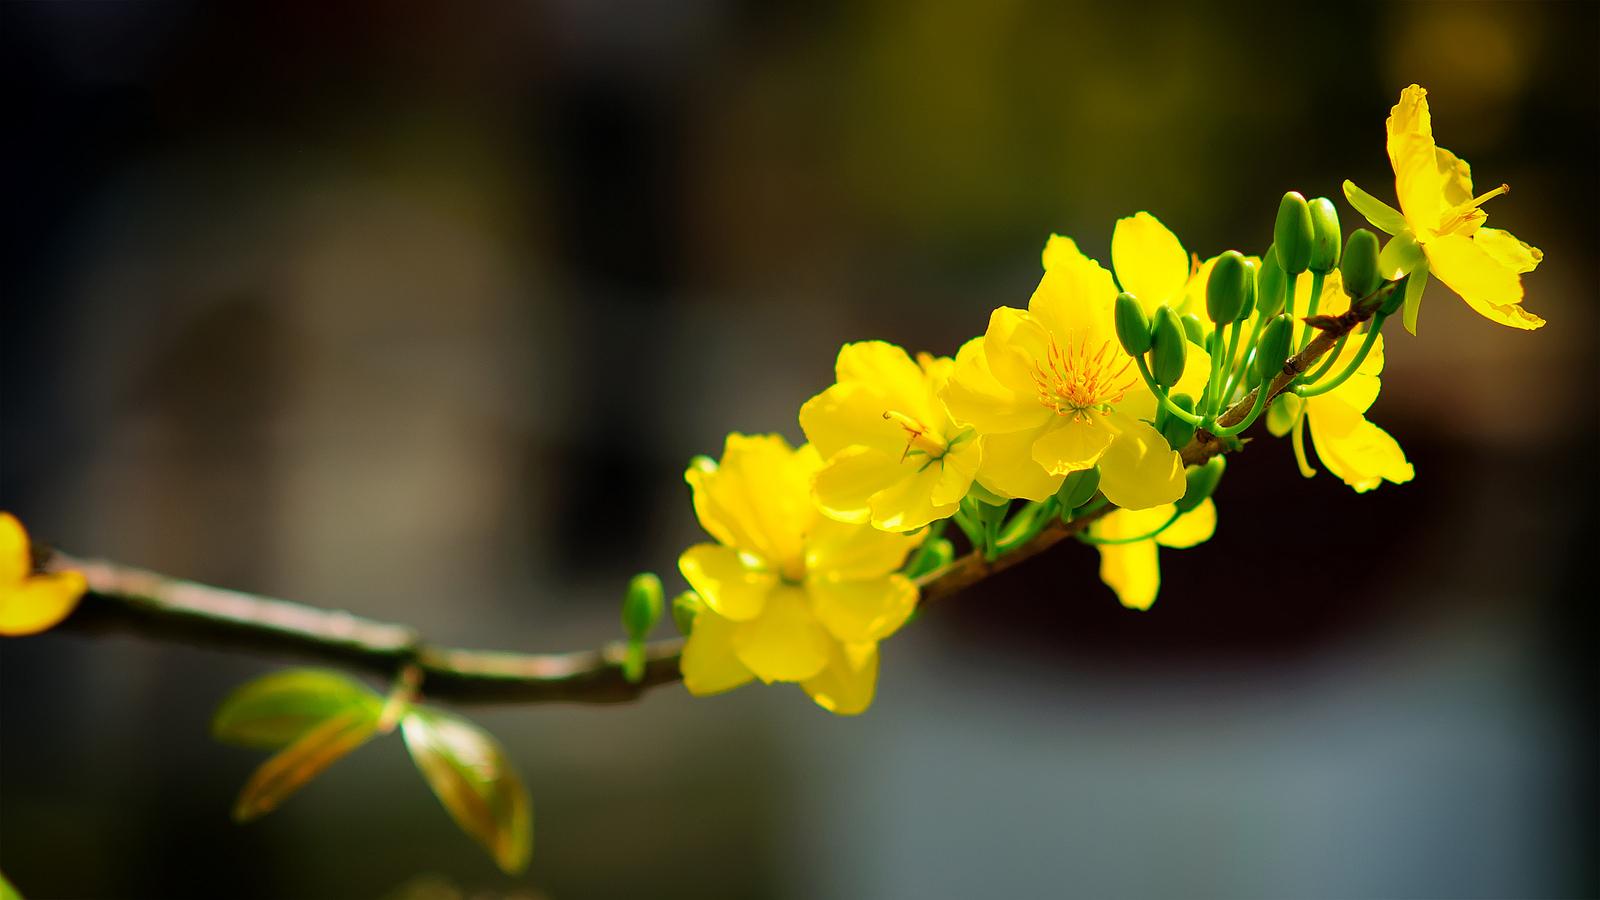 Hình ảnh những bông mai vàng rất đẹp